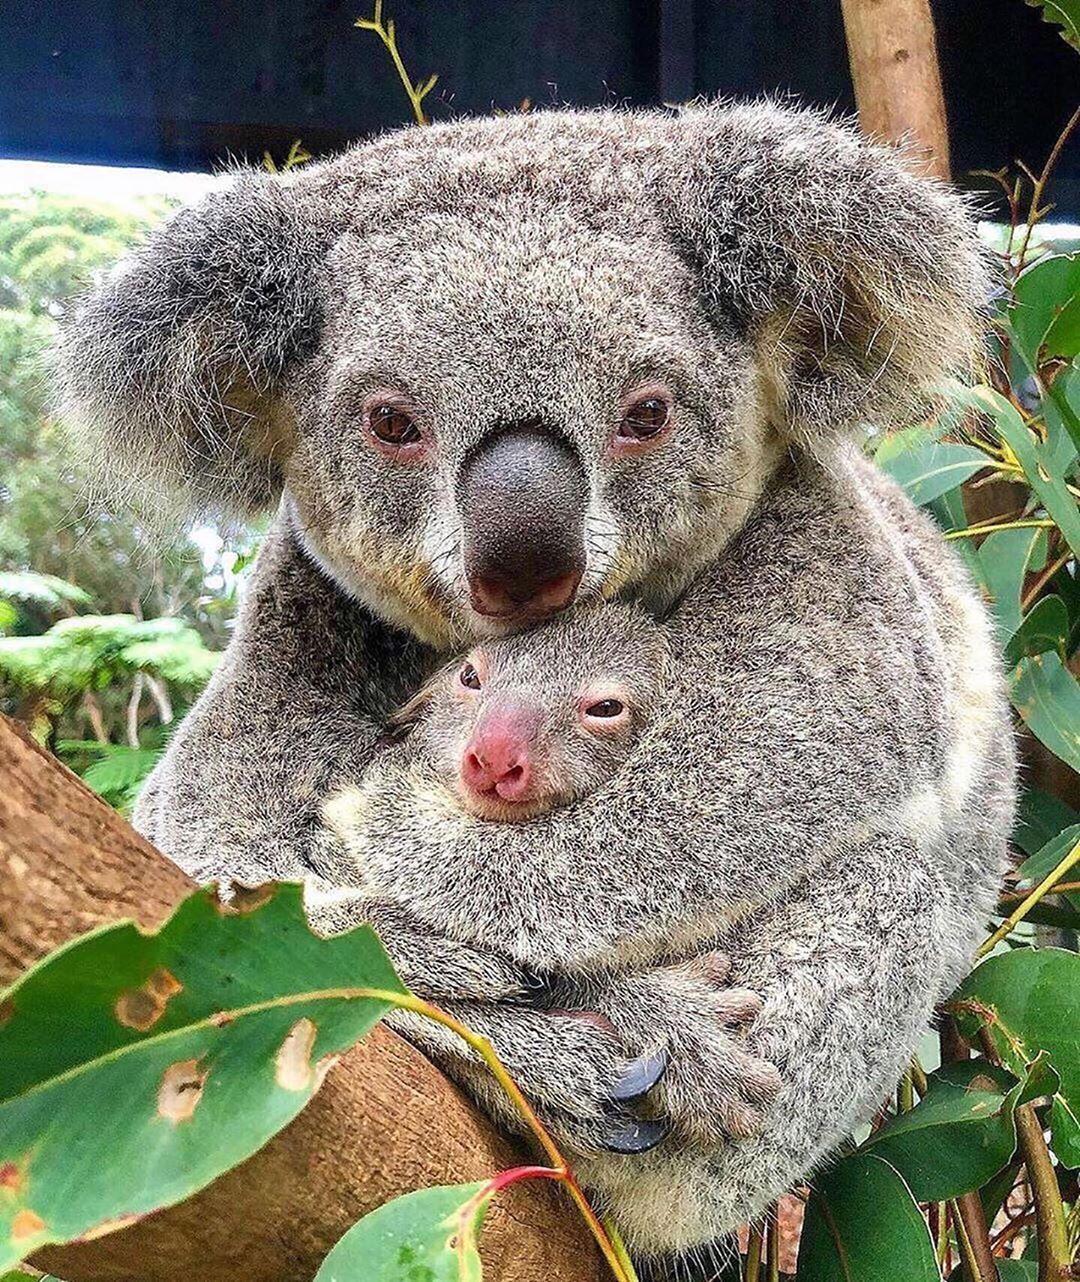 темно-бордовые милые животные австралии фото переславле-залесском сохранилось